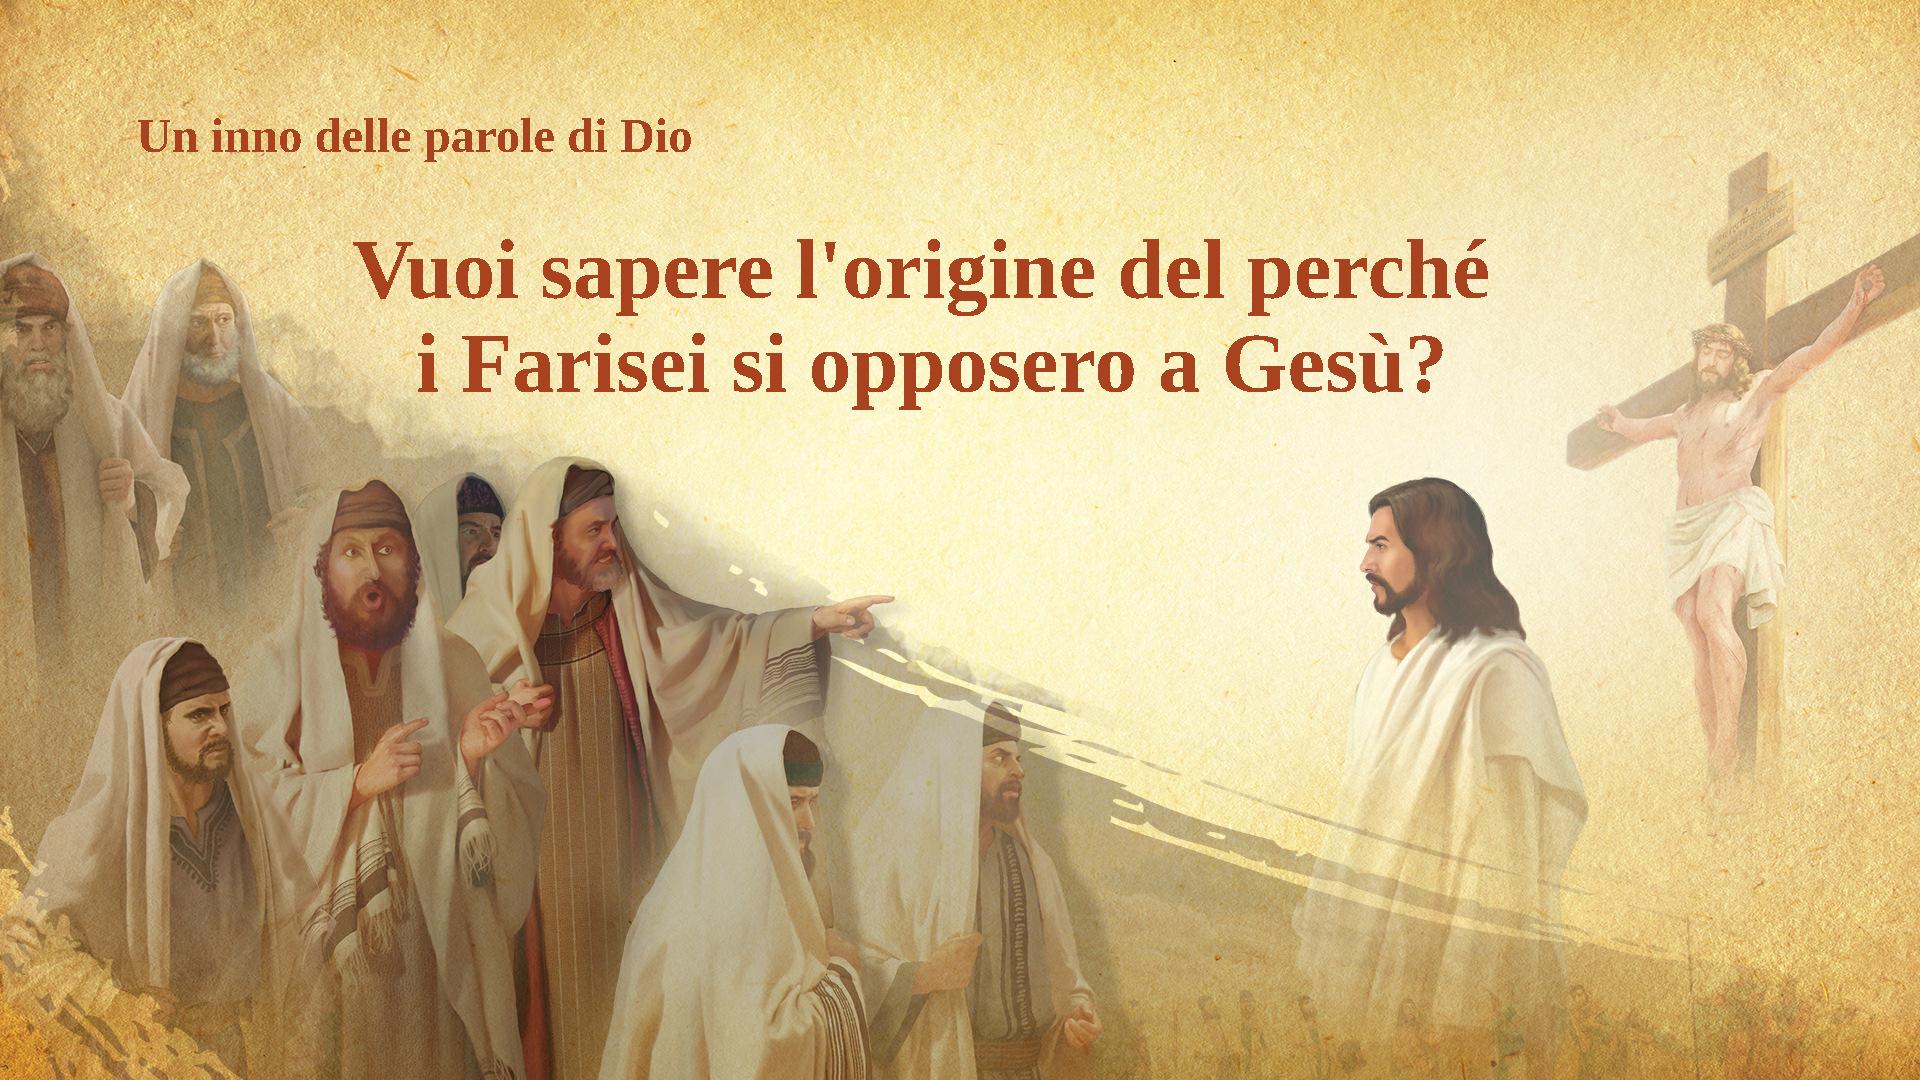 """Un inno delle parole di Dio """"Vuoi sapere l'origine del perché i Farisei si opposero a Gesù?"""""""